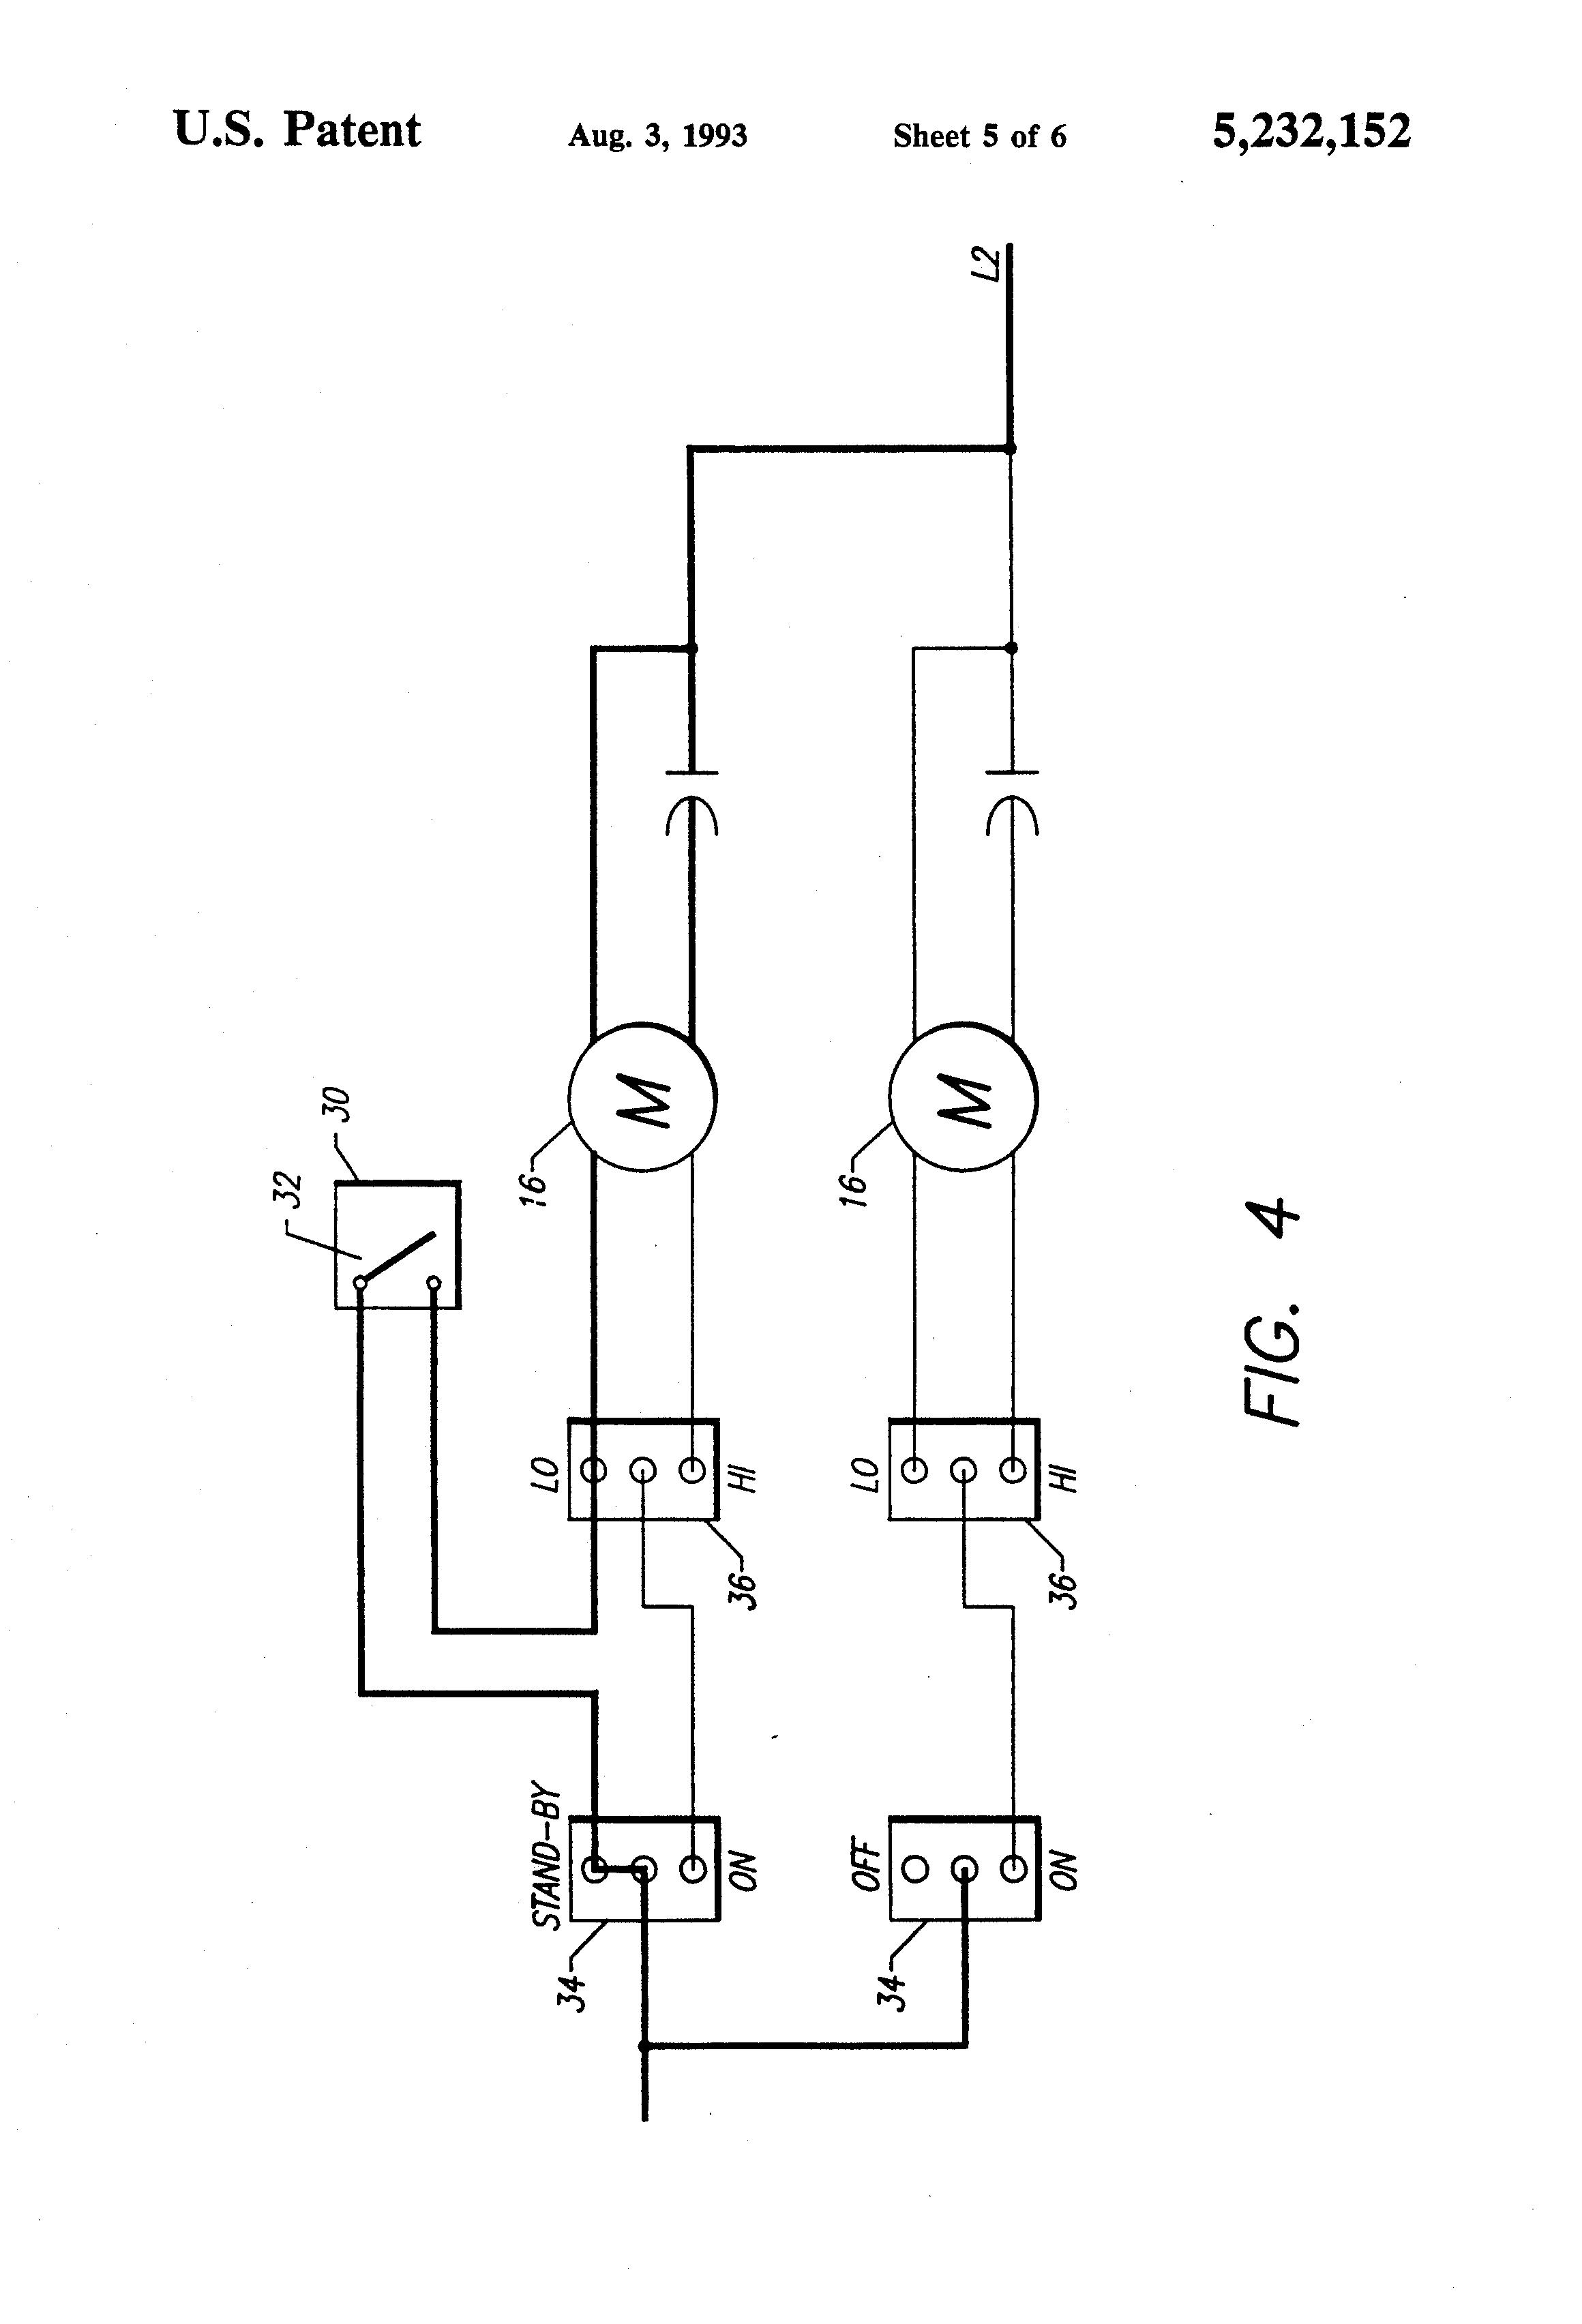 Wiring Diagram For Broan La501k - 1980 Kenworth Battery Wiring Diagram -  7ways.yenpancane.jeanjaures37.fr